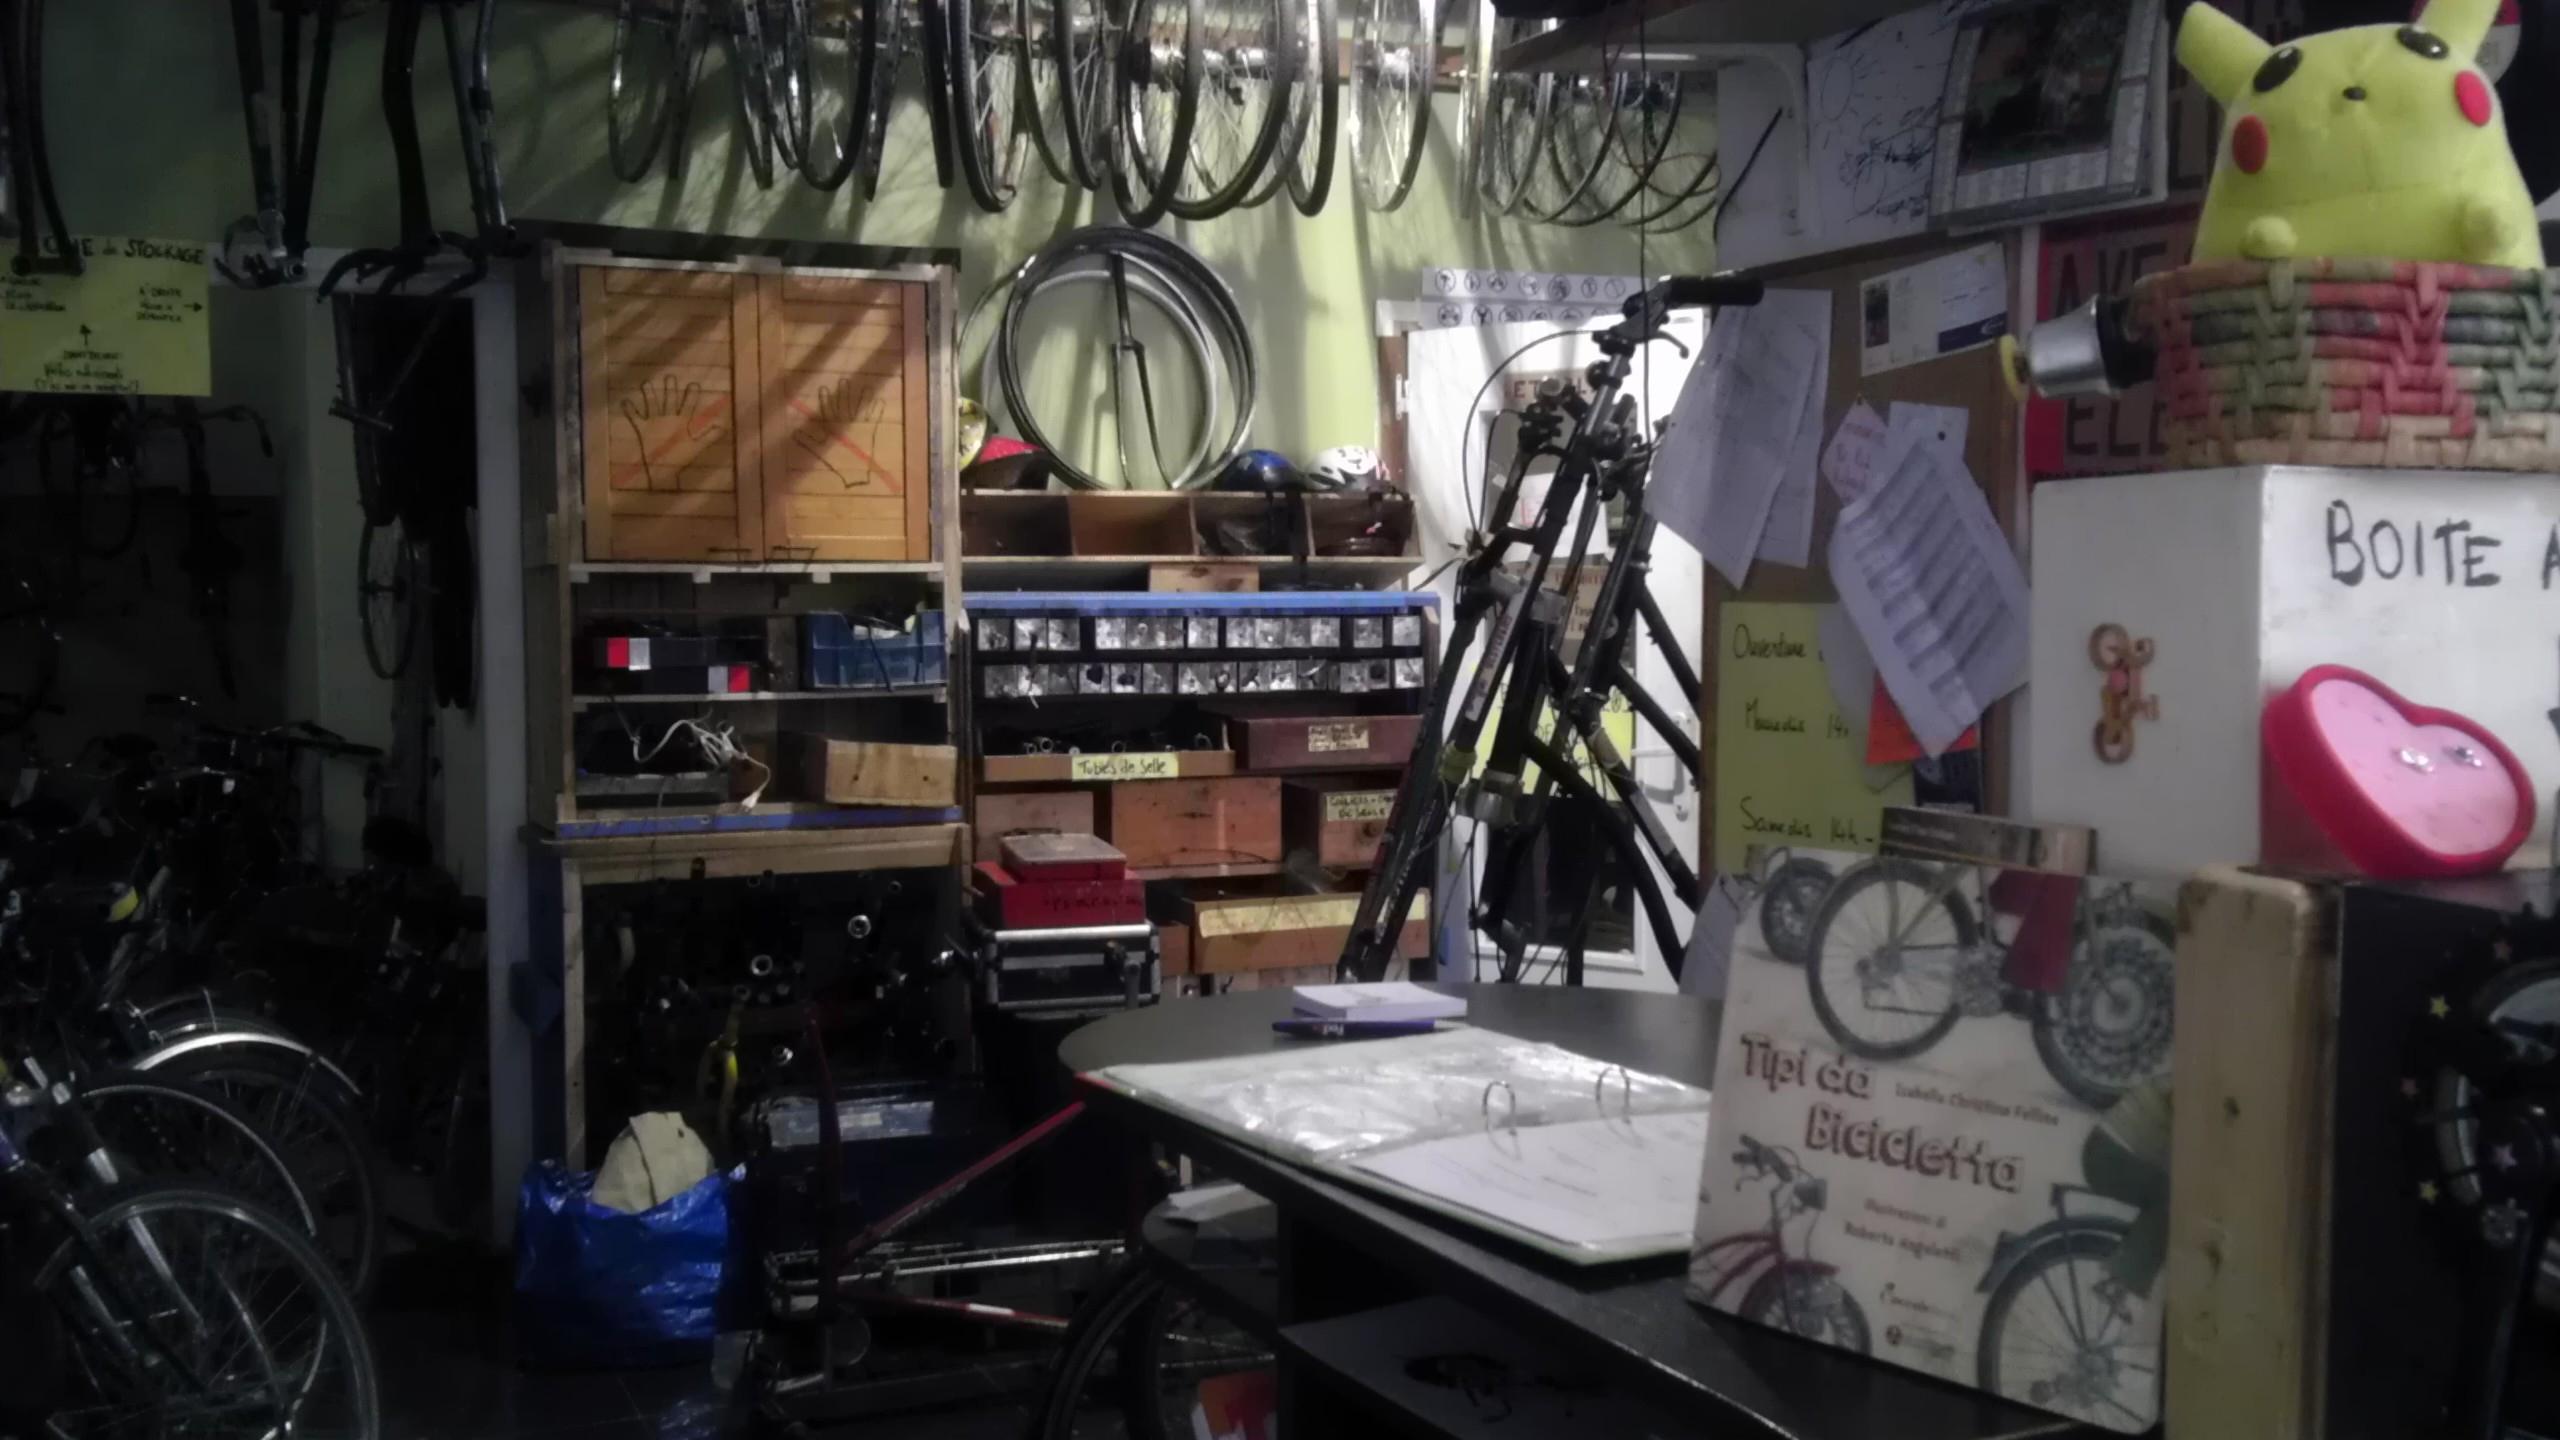 L'atelier Cyclofficine Paris Fougères, situé au 3 rue de Noisy le Sec, à Paris 20